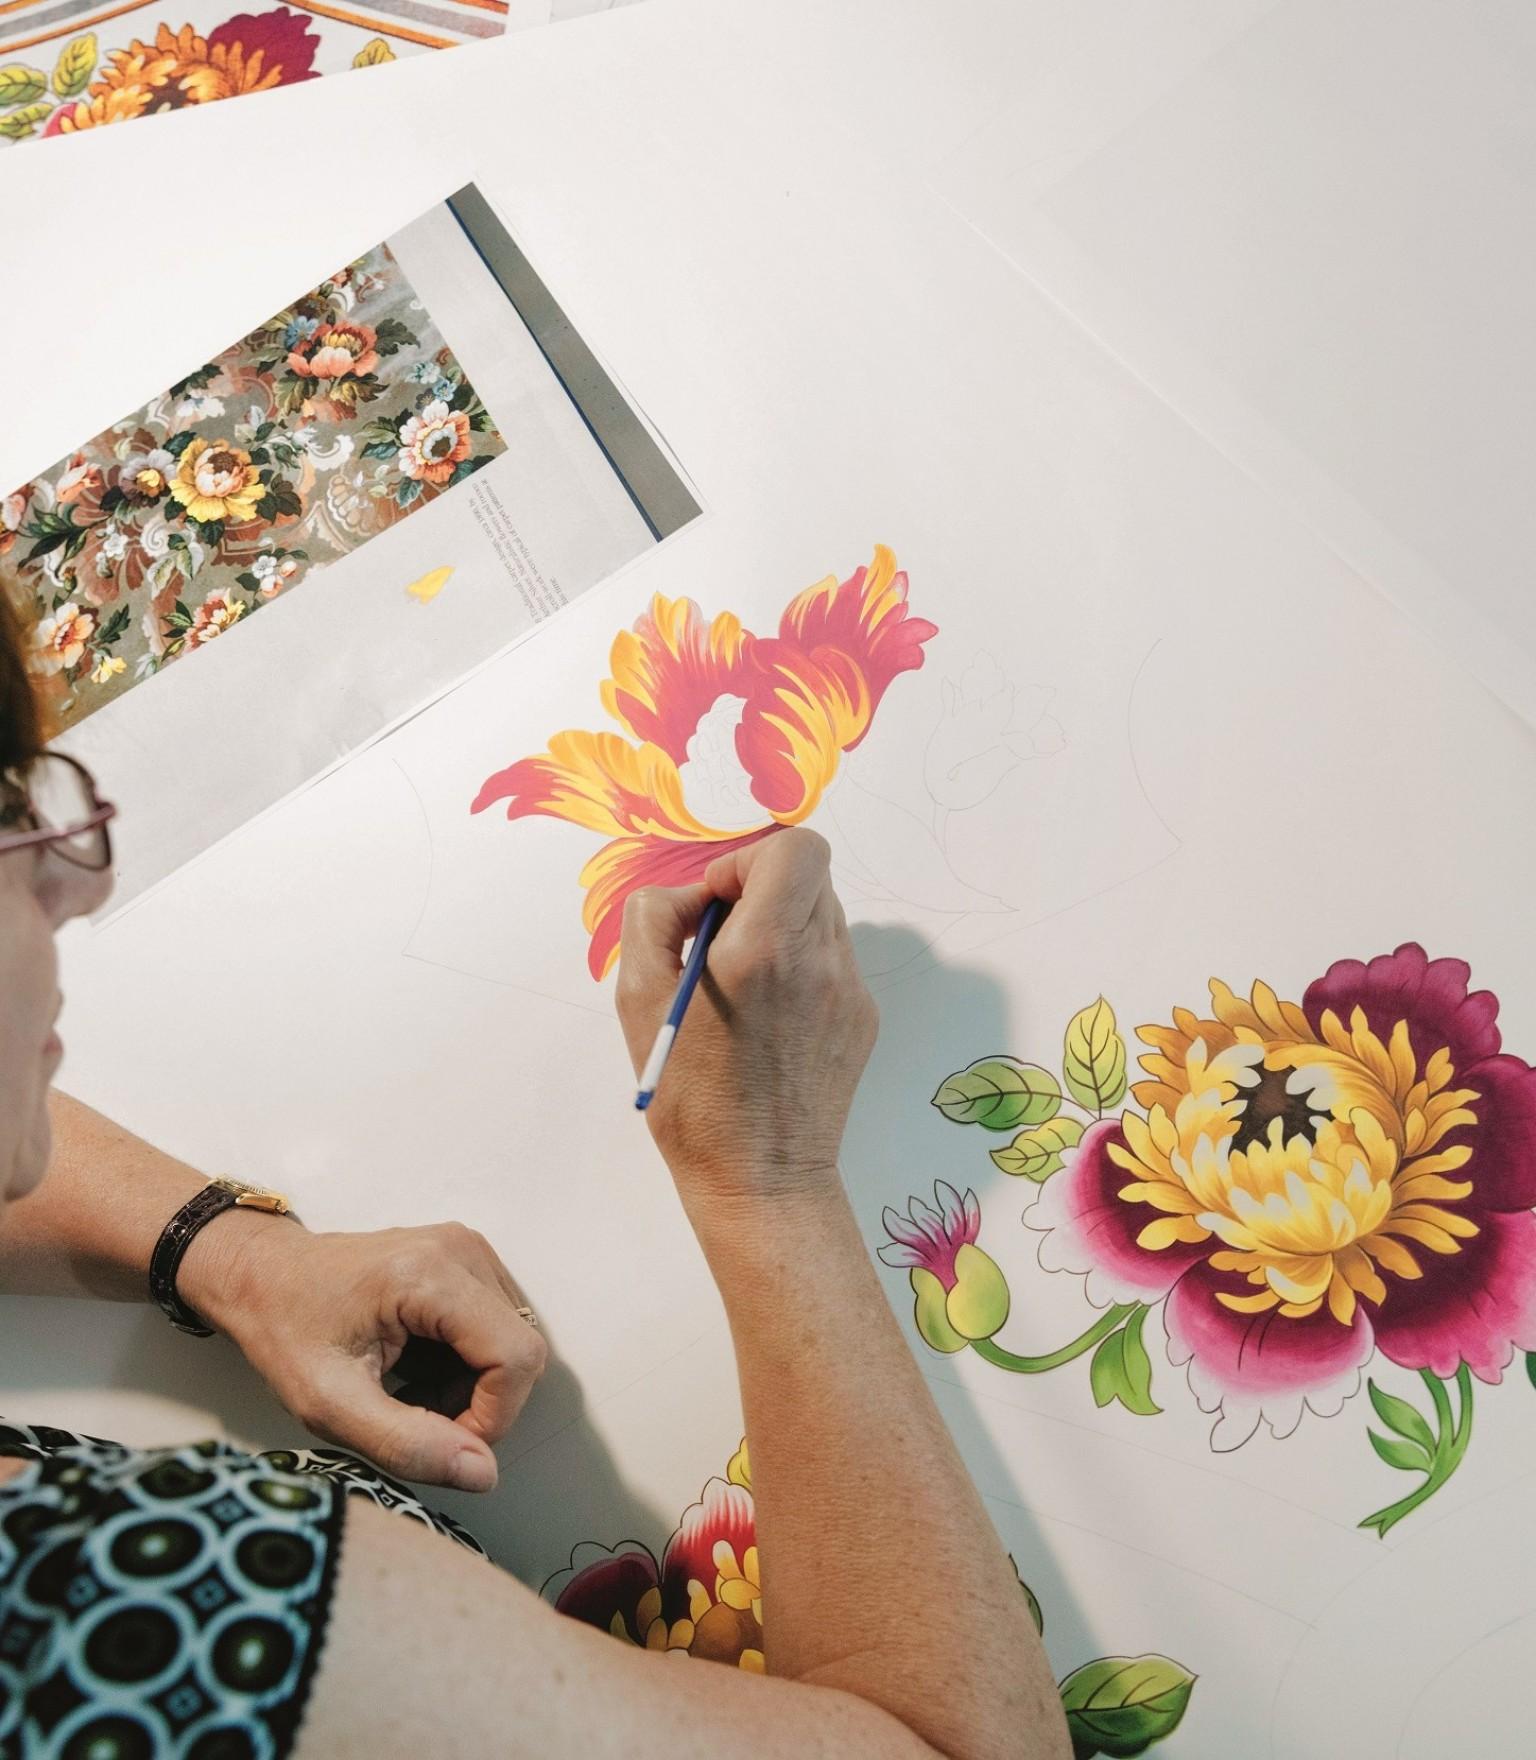 Dessin floral peint sur papier